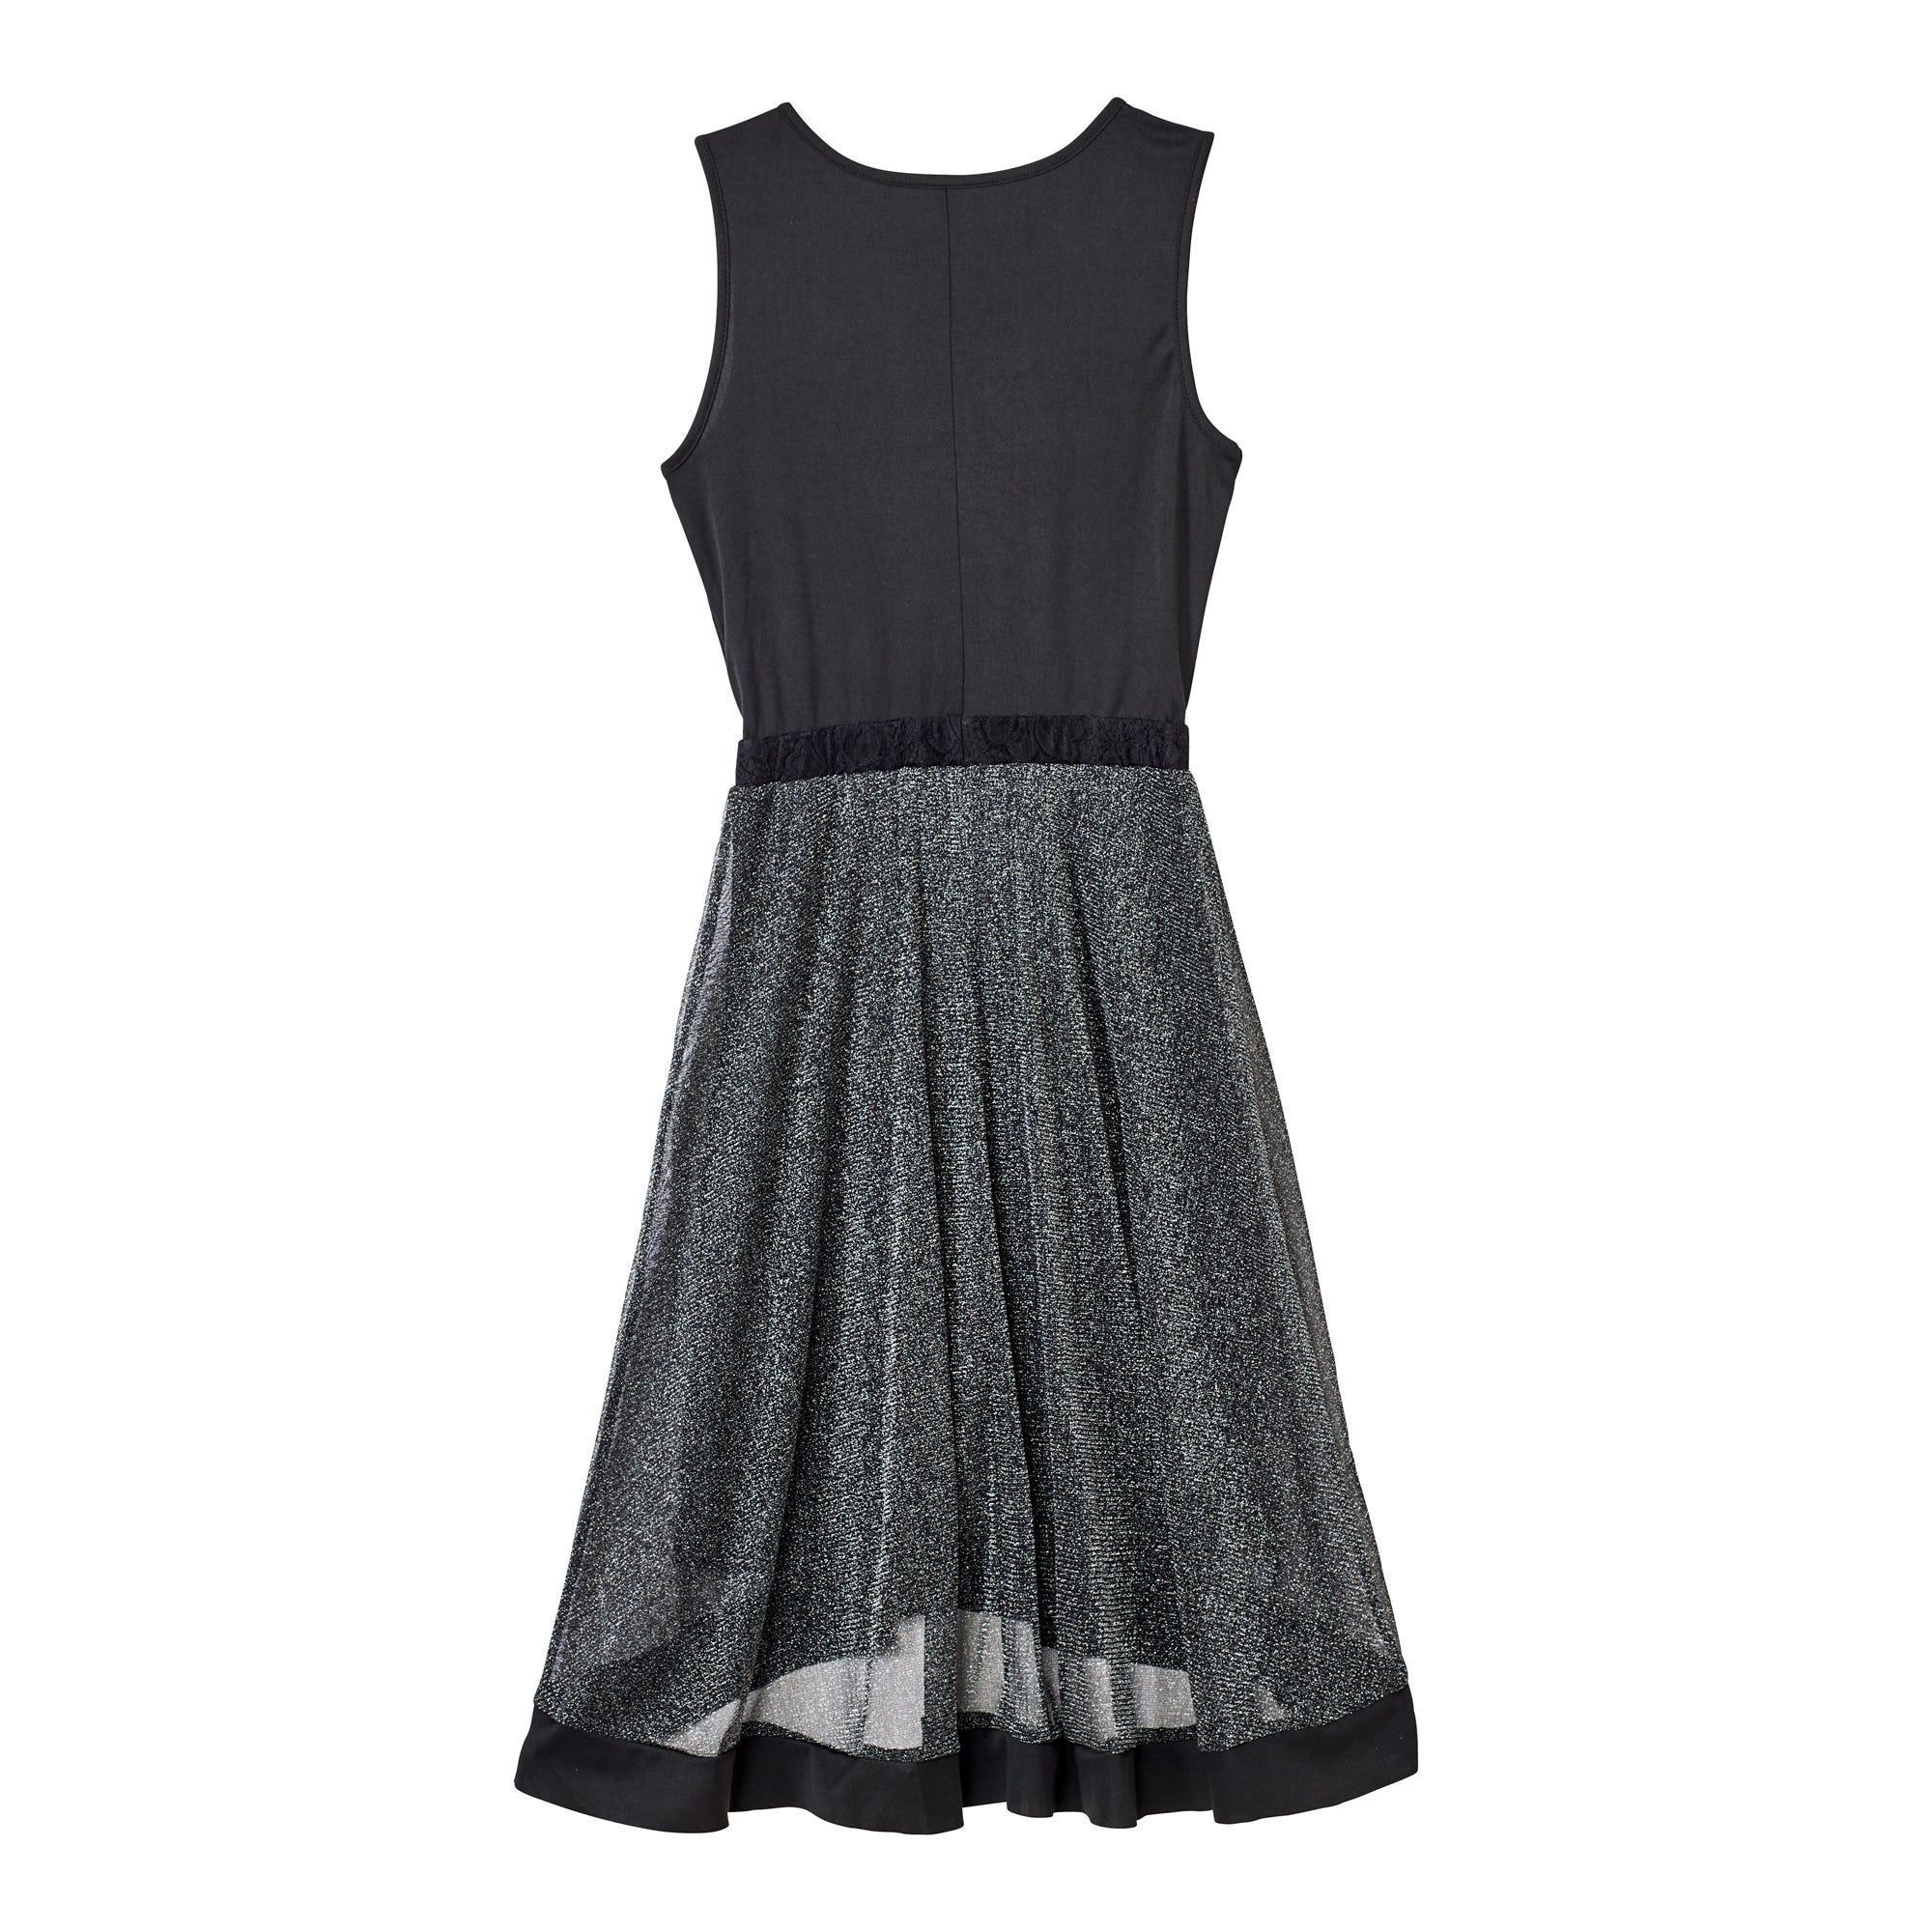 Online Kleideramp; Günstig KaufenNkd Röcke 8nON0wPkX